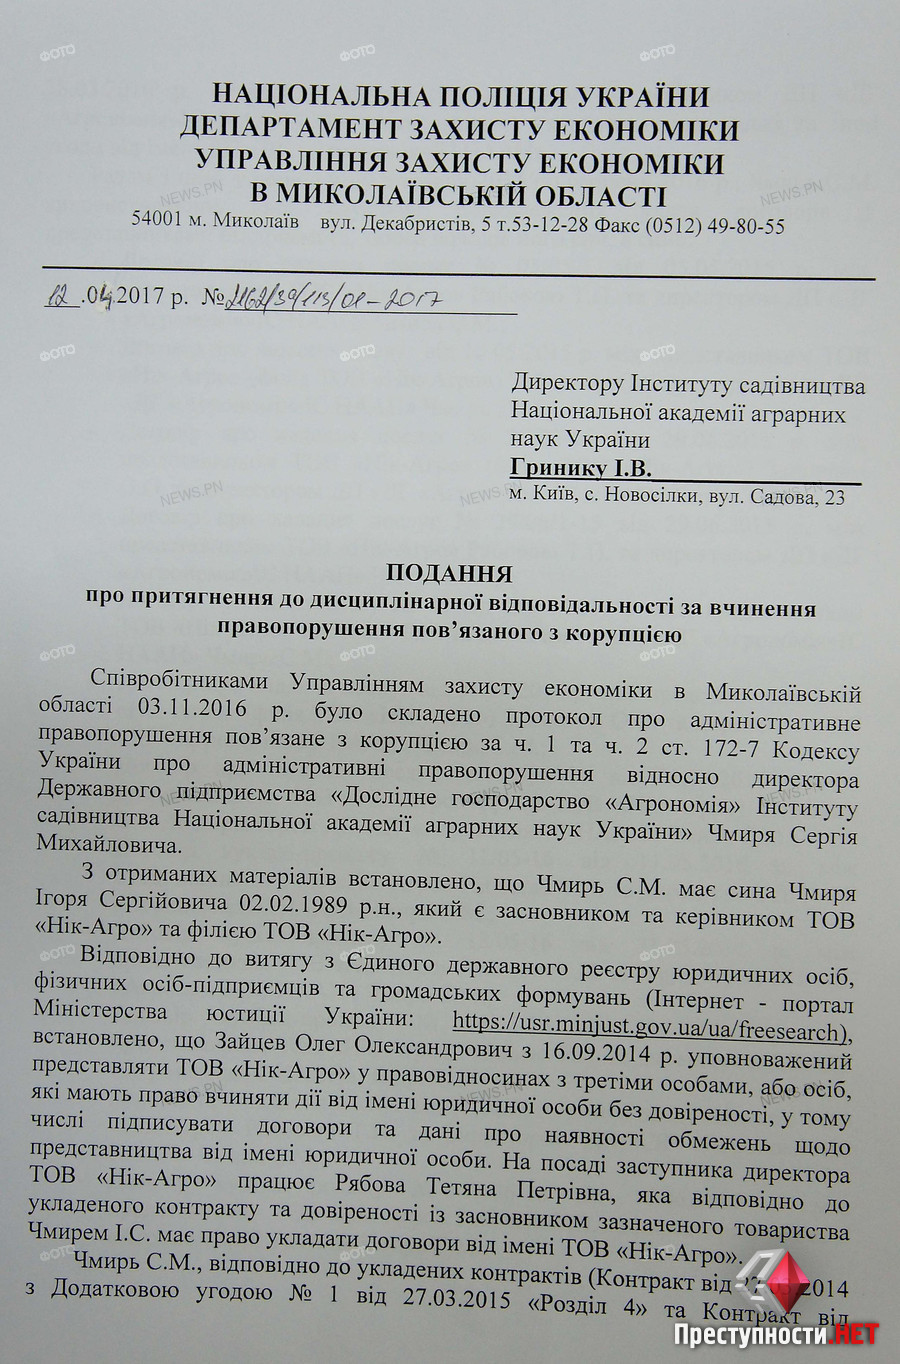 Вузы Москвы: лучшие институты Москвы, академии